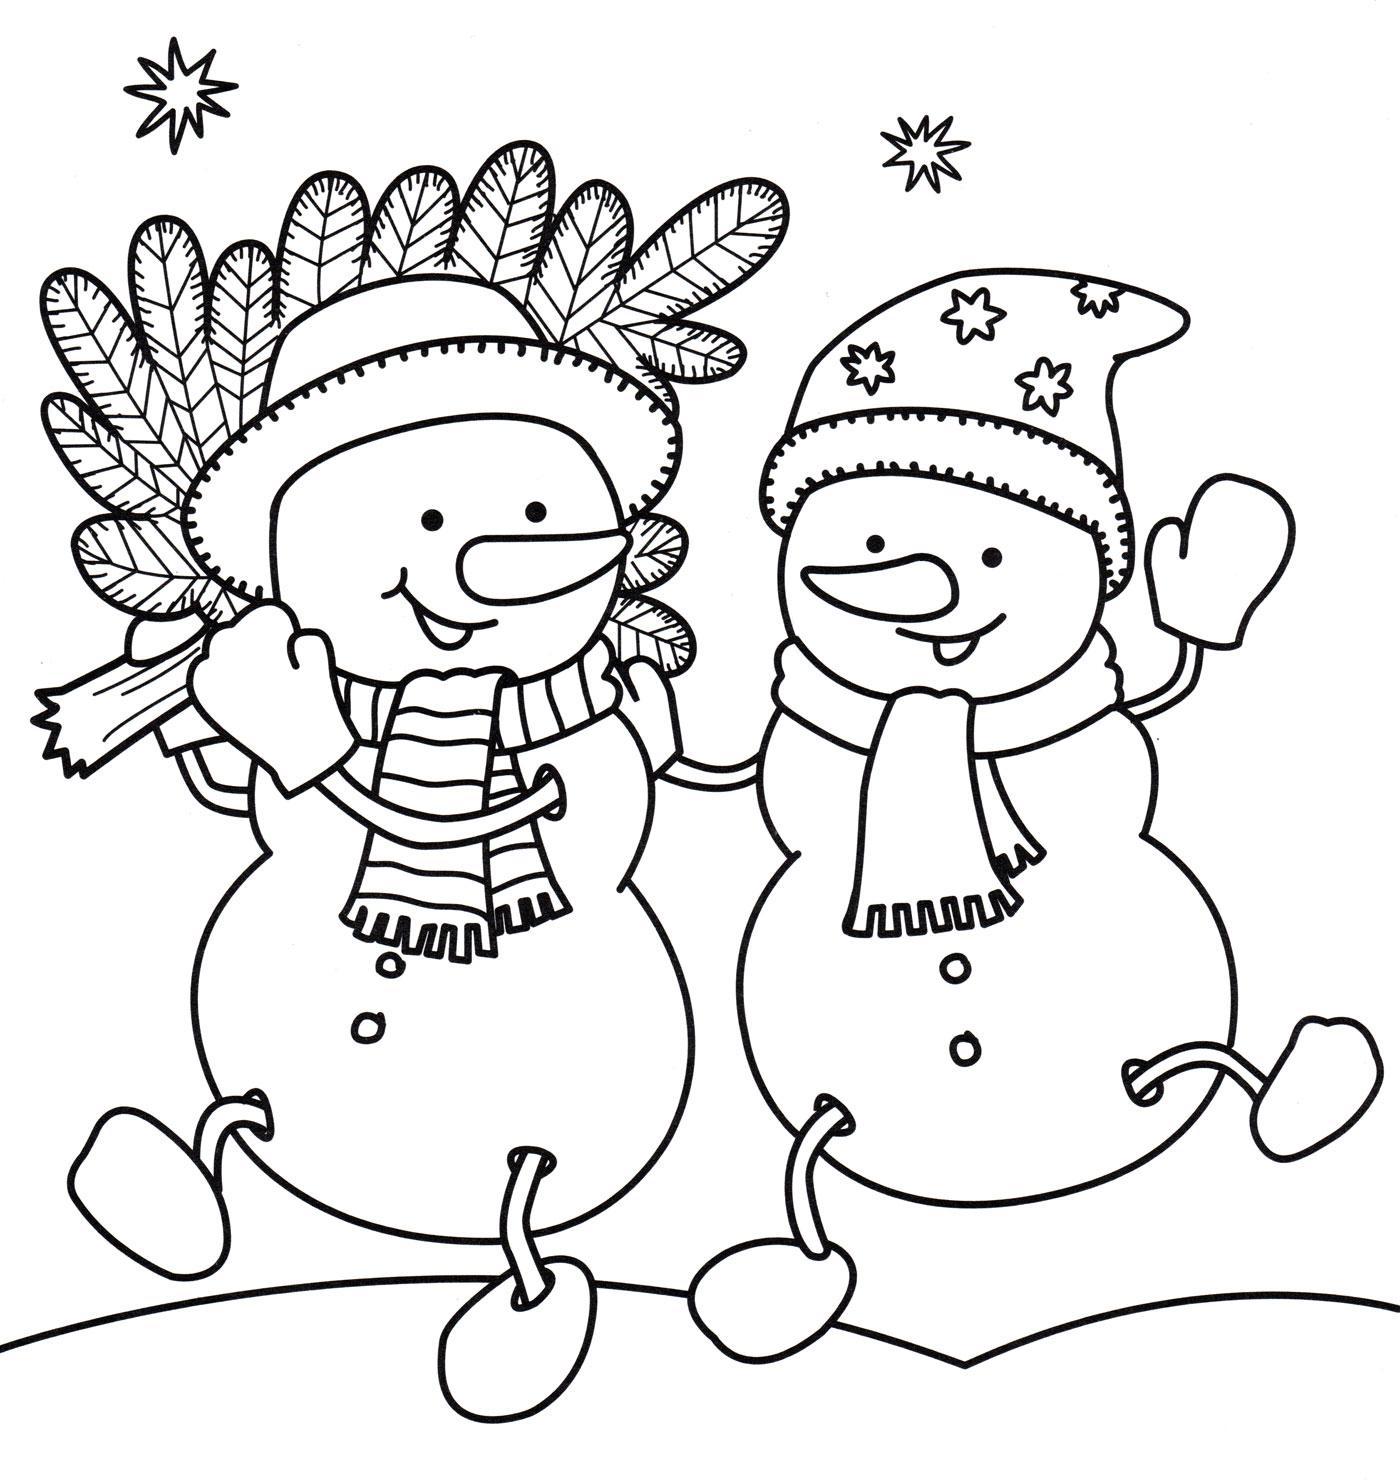 раскраска снеговика для дошкольников